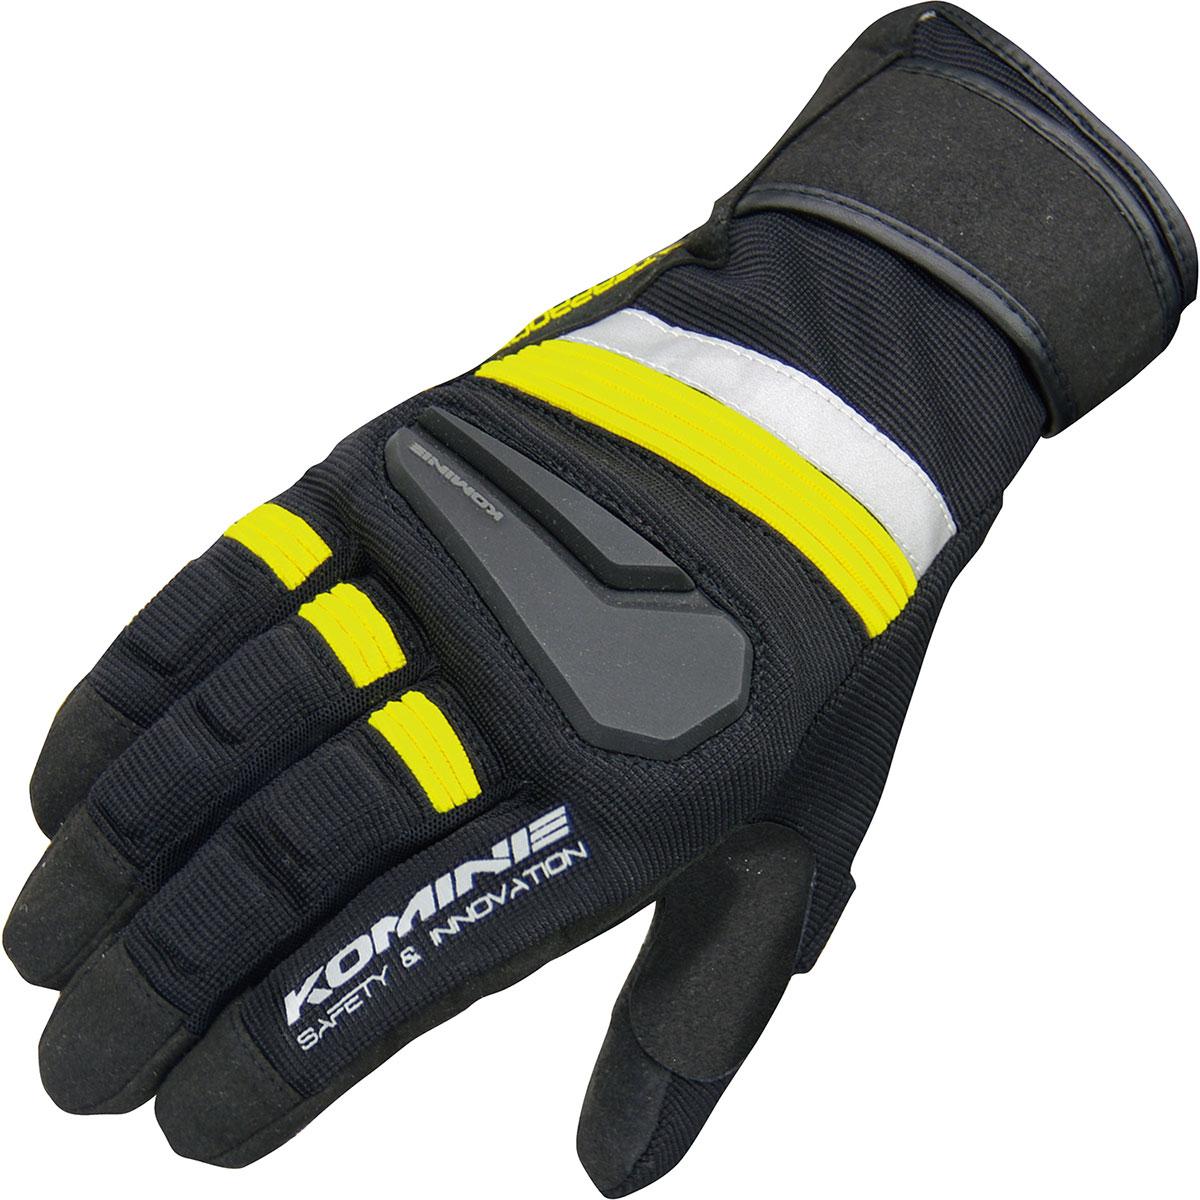 コミネ (Komine) バイク用 グローブ Gloves GK-145 スーパーフィットレイングローブ-アクロポリス ブラック イエロー 黒 黄 2XLサイズ 06-145/BK/YL/2XL